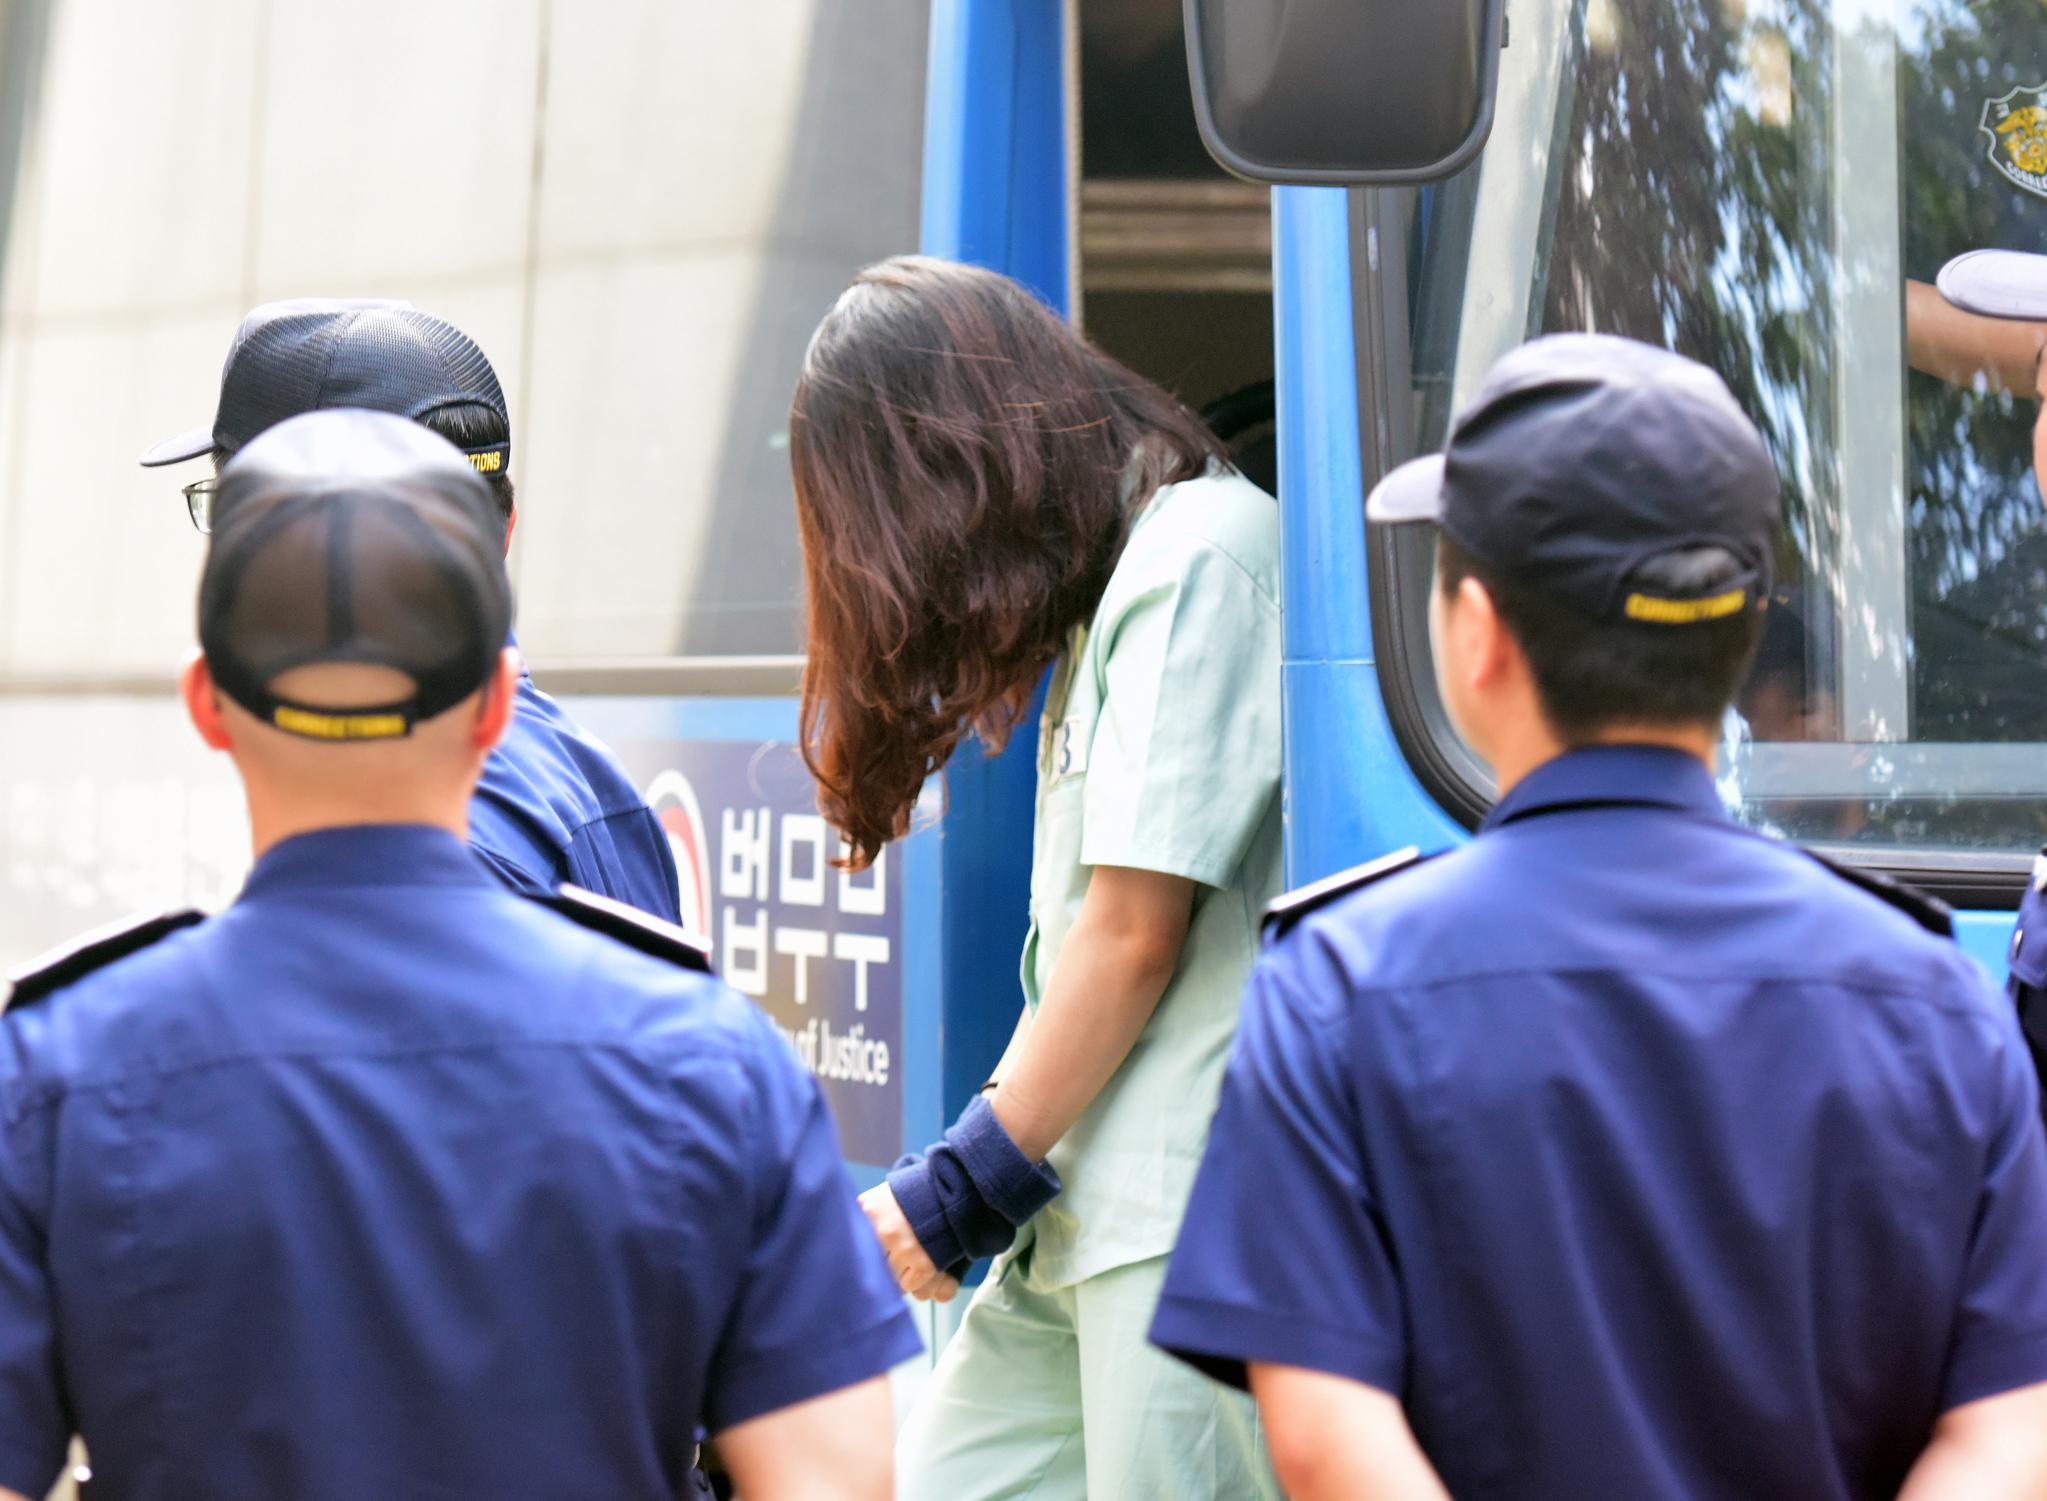 전 남편 살해 혐의로 구속기소된 고유정이 16일 오후 제주지방법원에서 열린 3차 공판에 출석하기 위해 호송차에서 내리고 있다. [뉴스1]